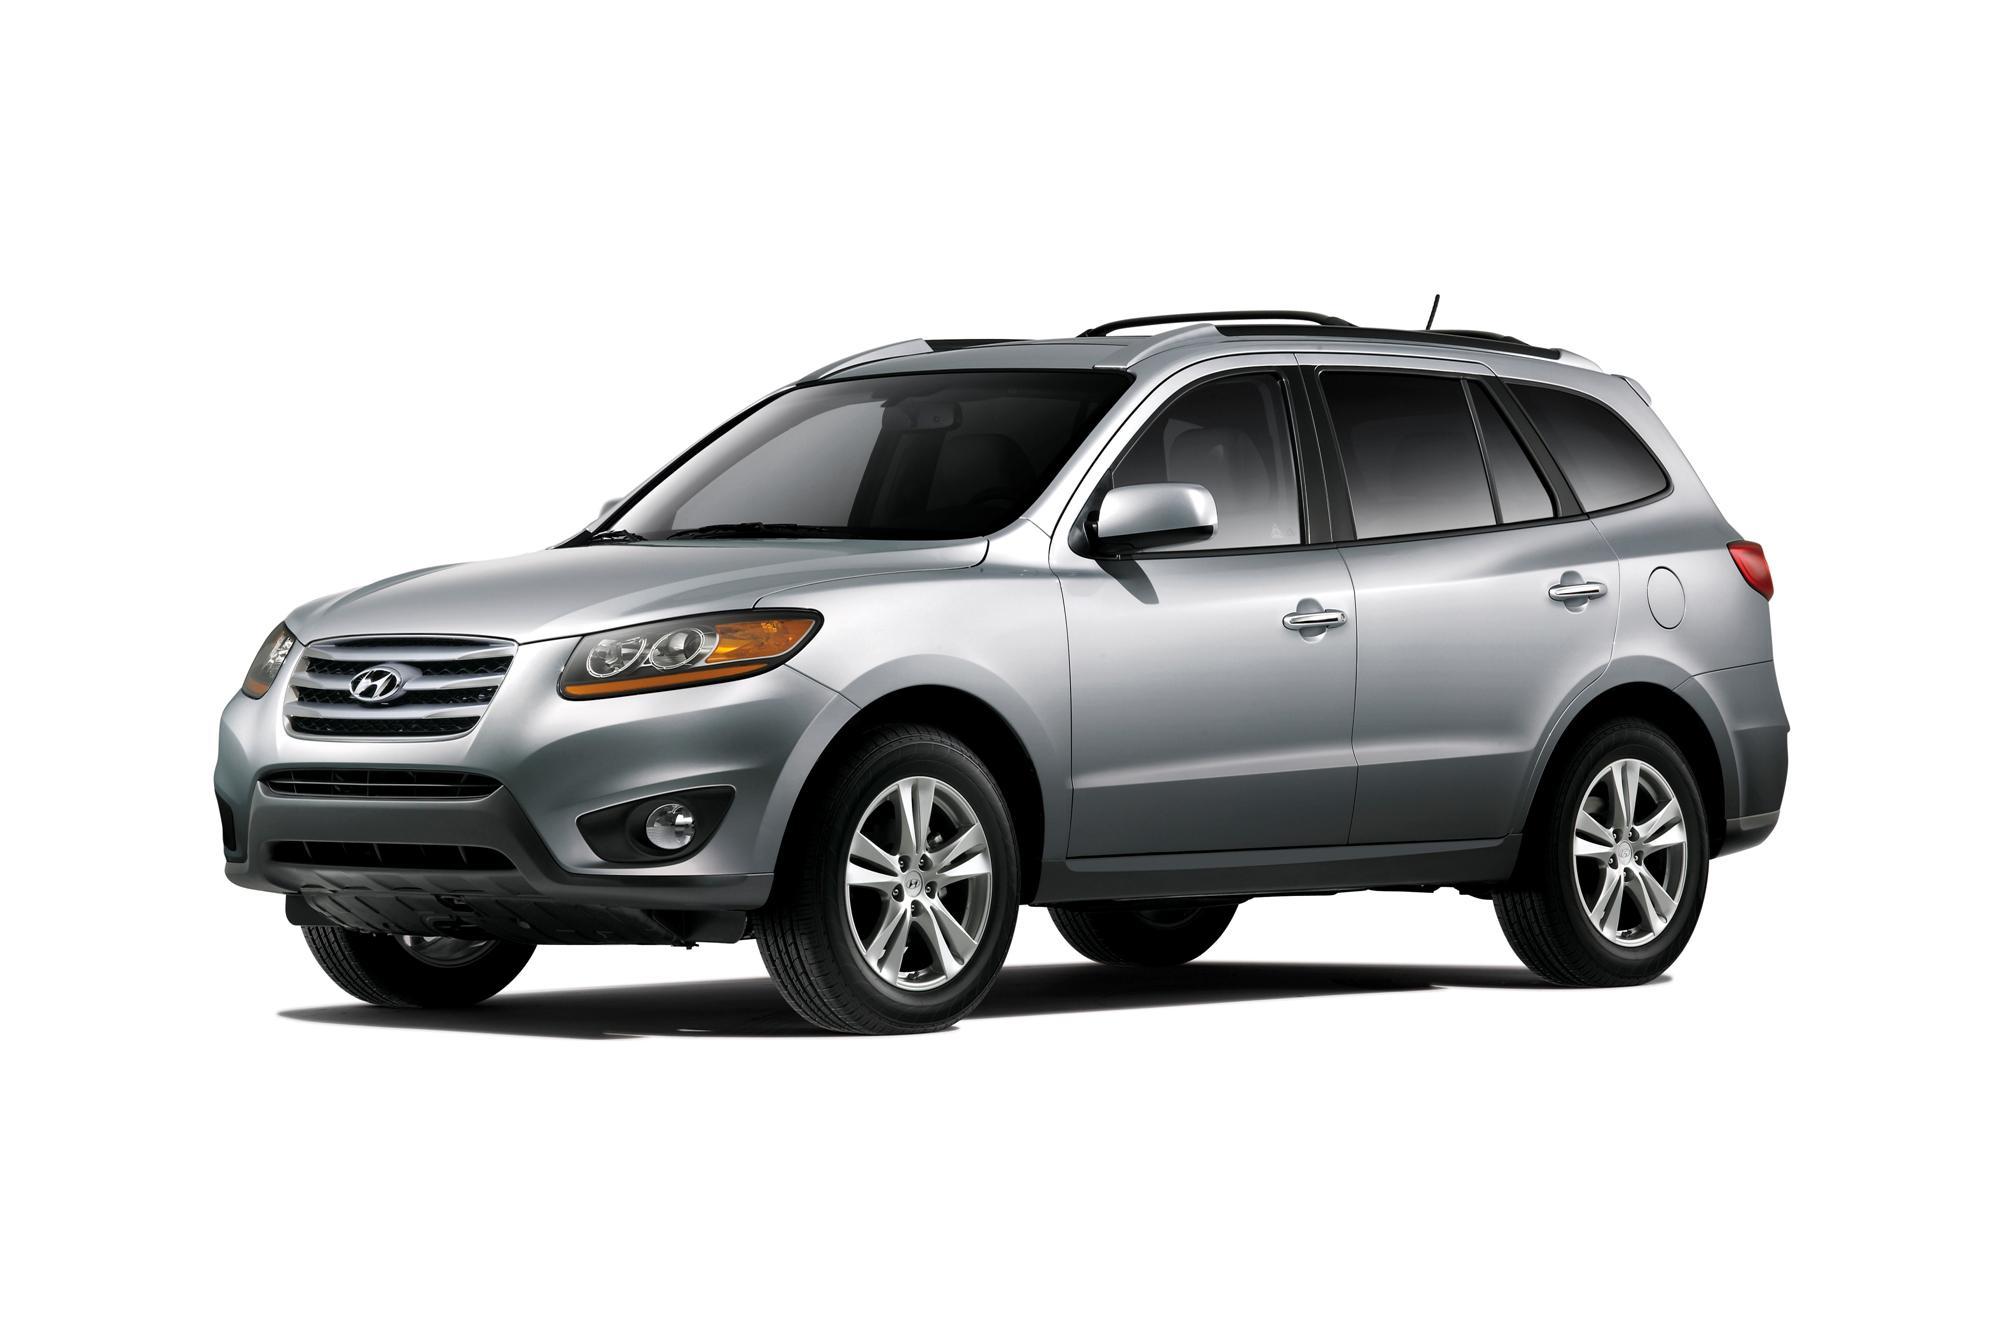 Ανάκληση Hyundai στις ΗΠΑ